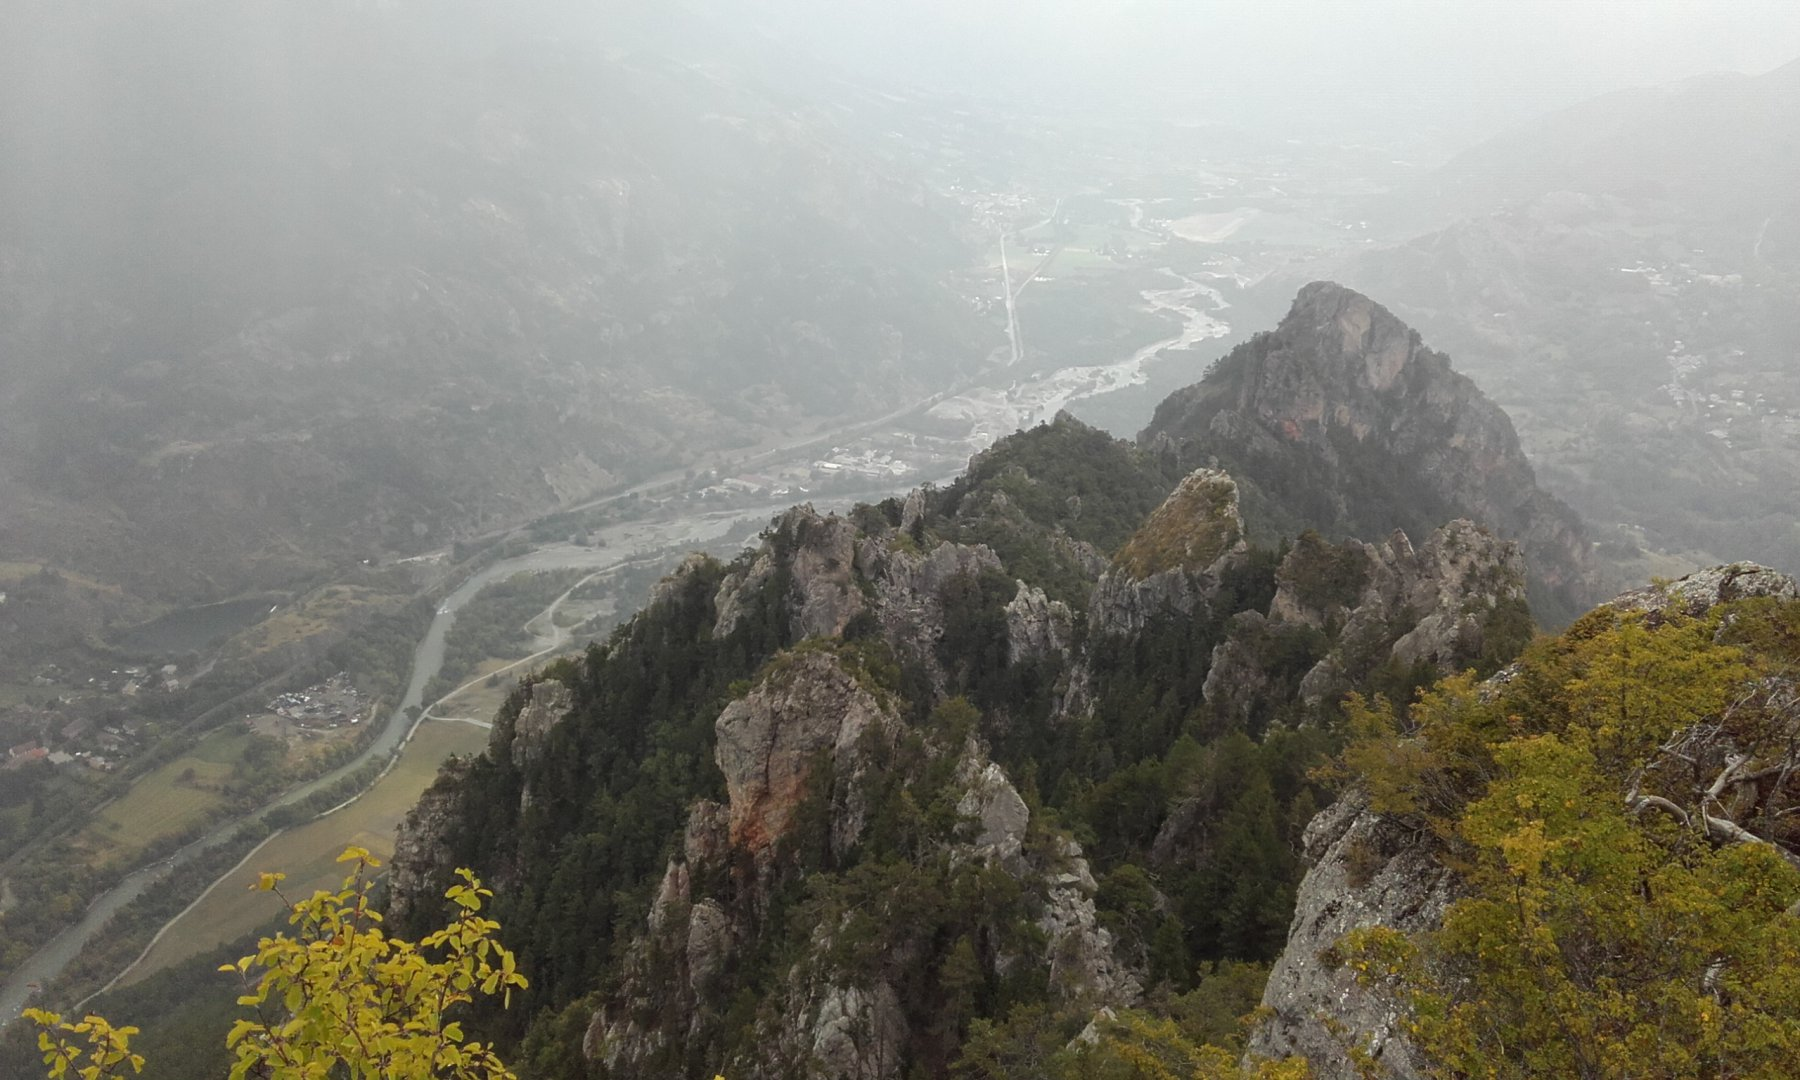 Anon (Col d') da La Roche de Rame, per il Lac Lauzes 2016-09-24